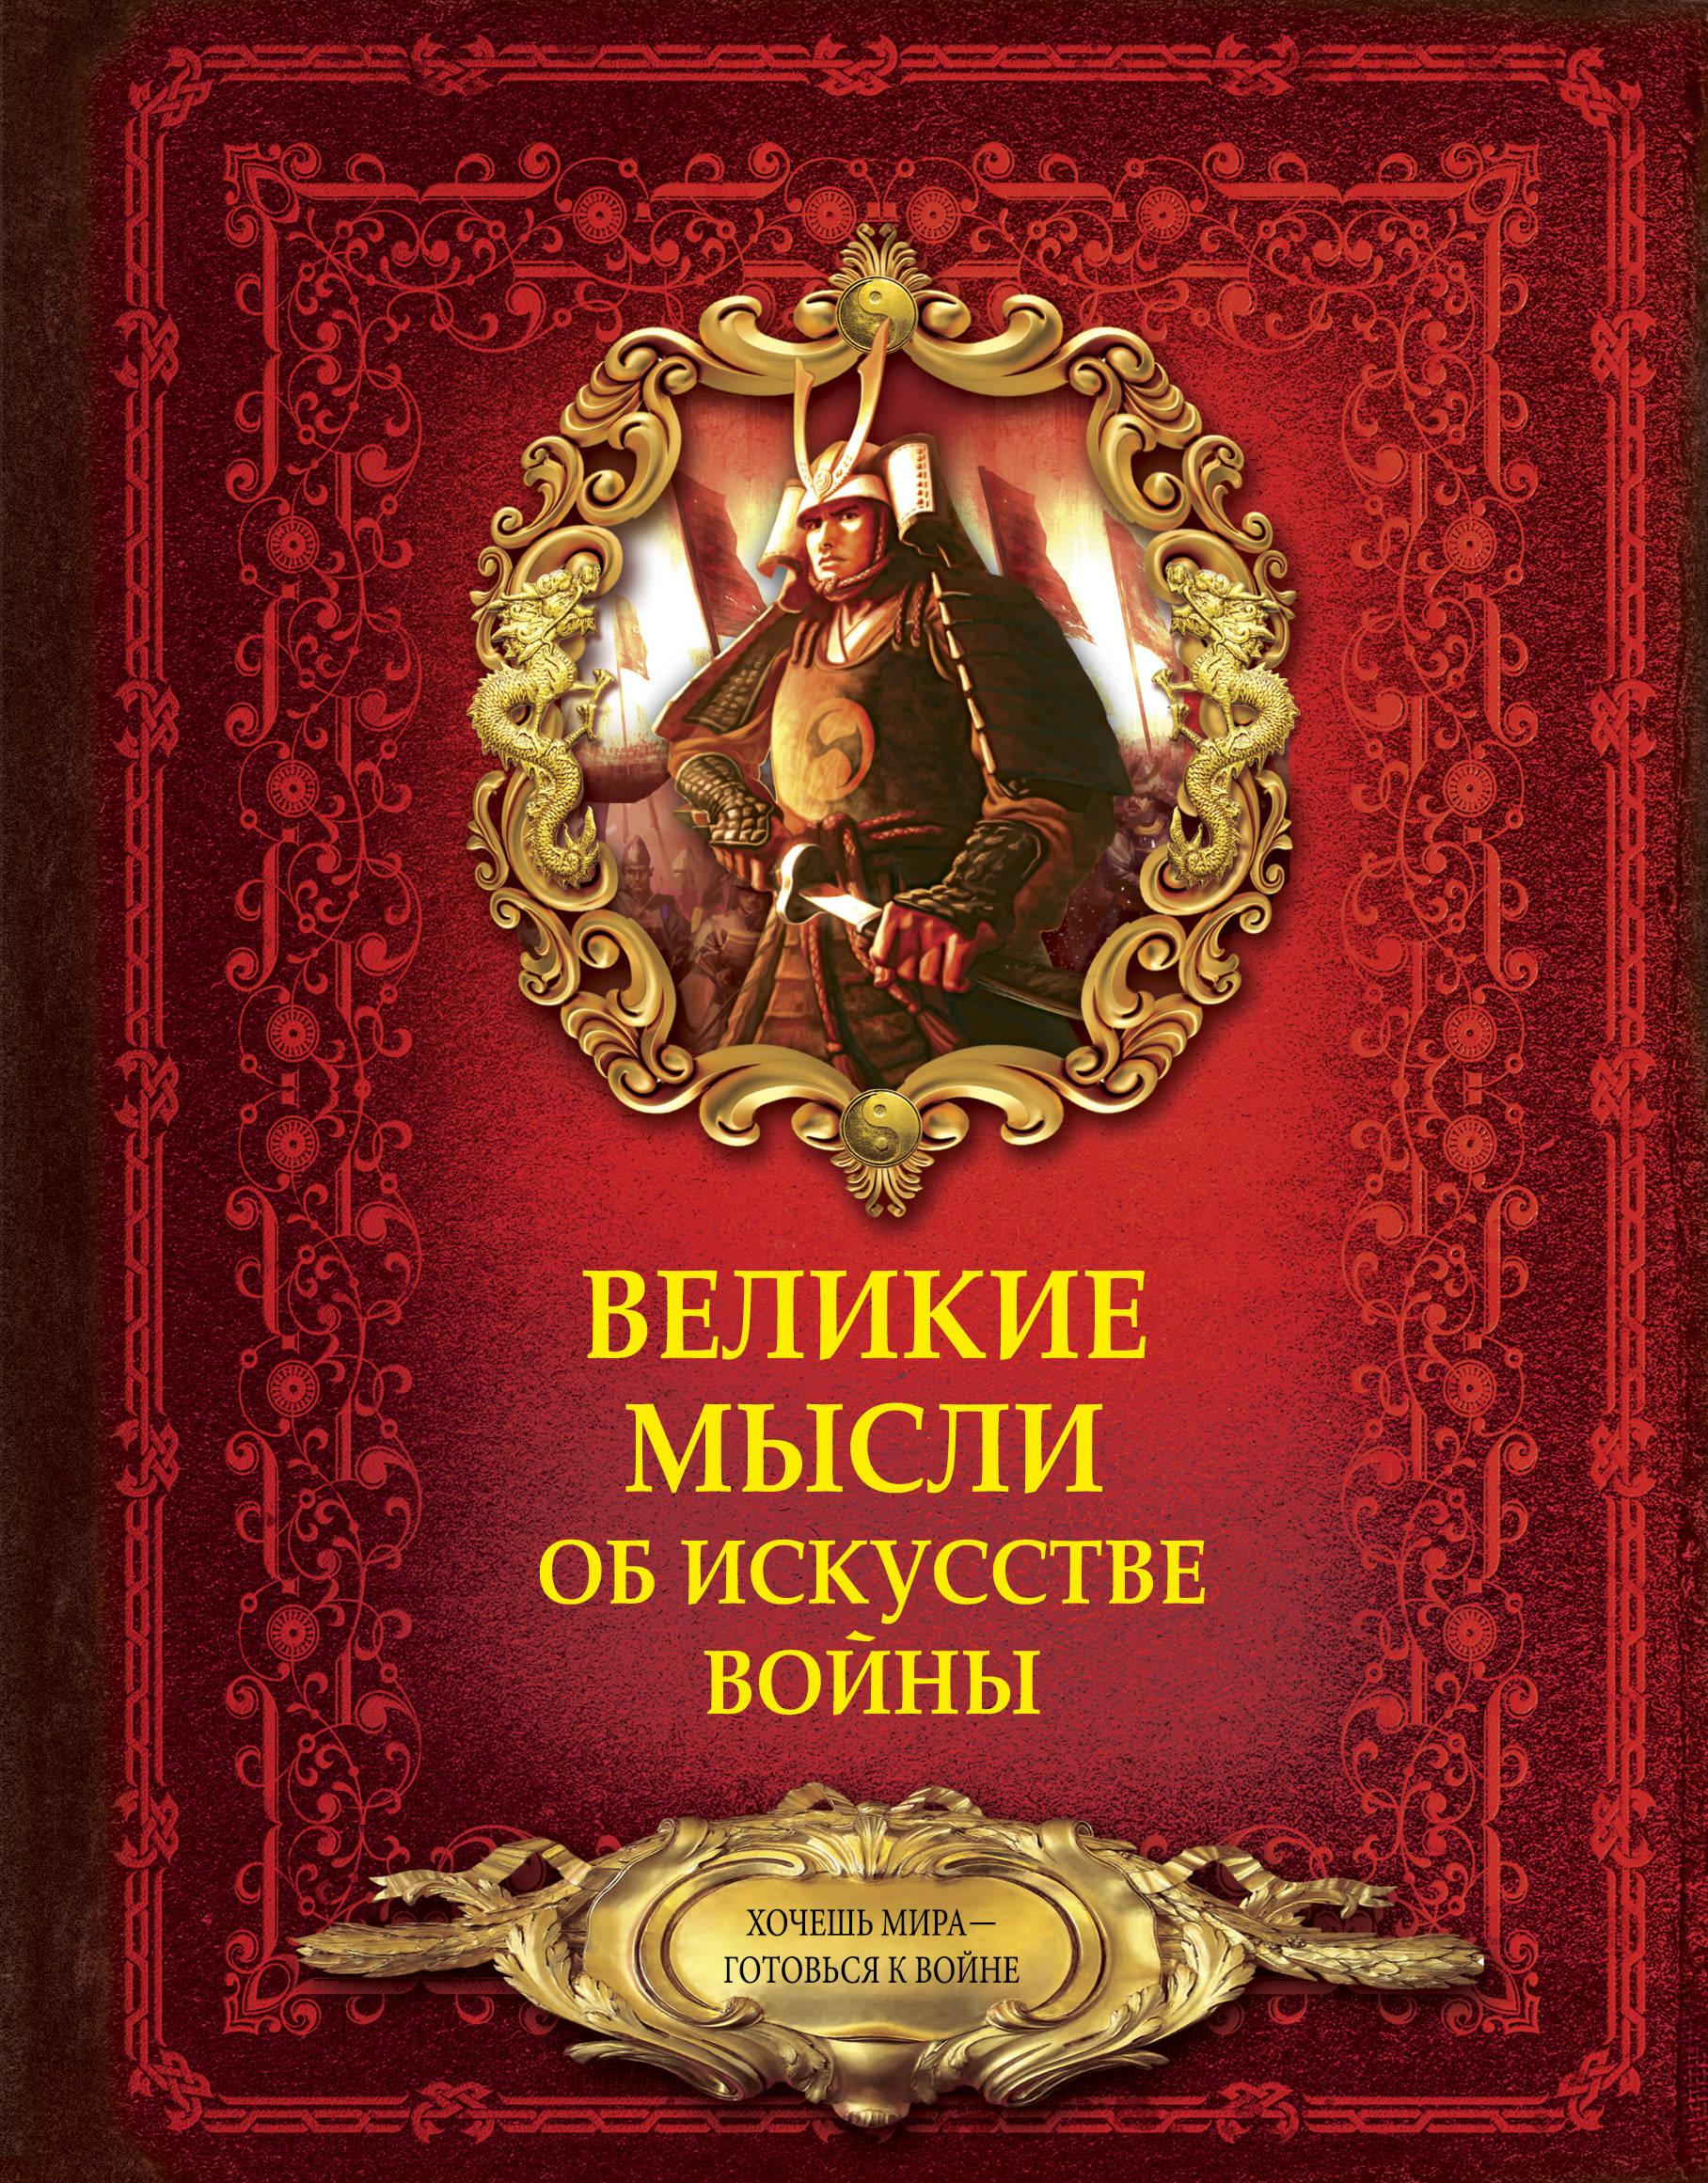 Zakazat.ru: Великие мысли об искусстве войны. Д. Н. Волковский